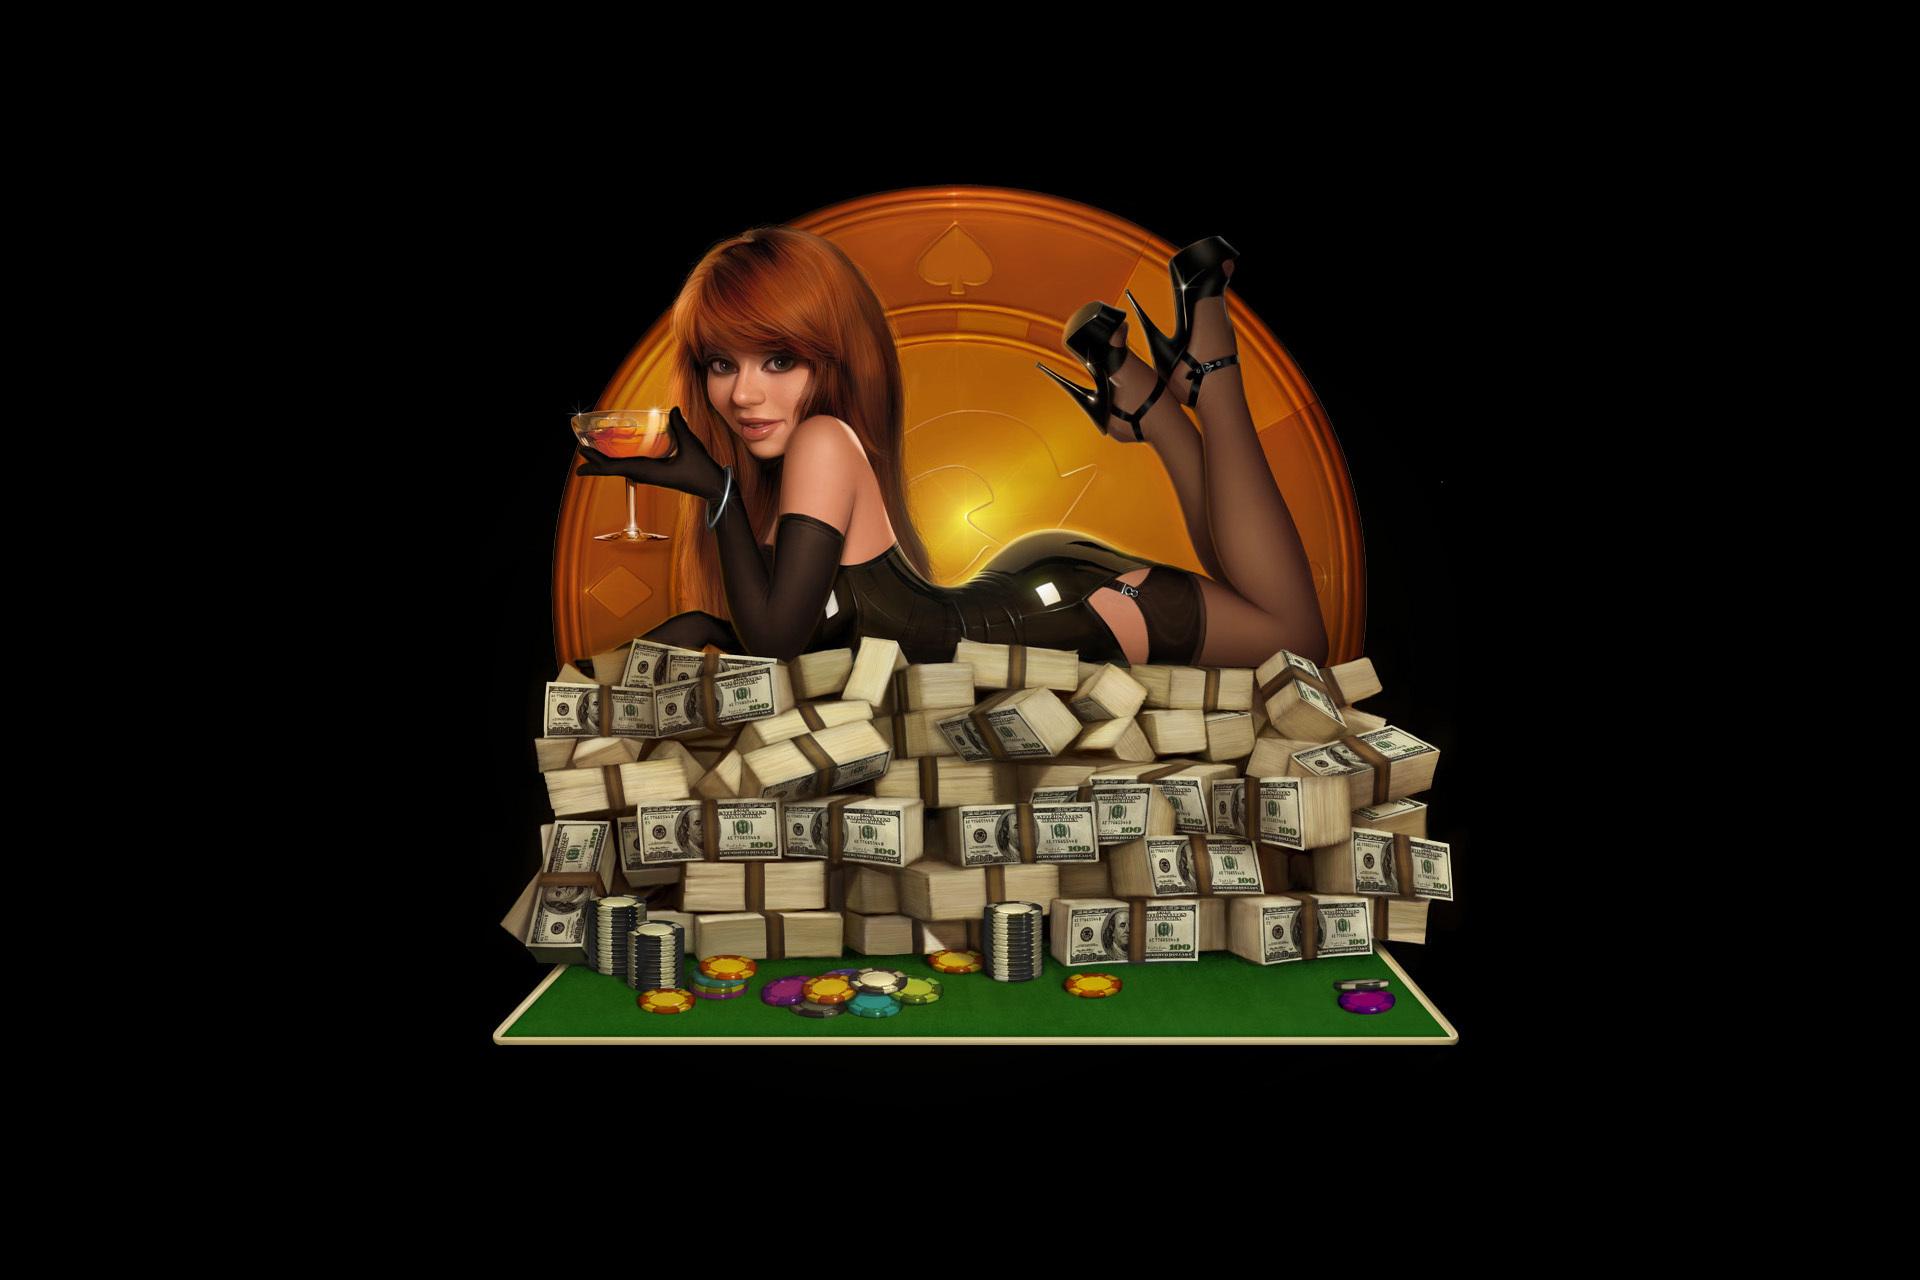 Игровые автоматы под видом интернет кафе найти напарника побизнесу интеллектуальное казино на уроках труда